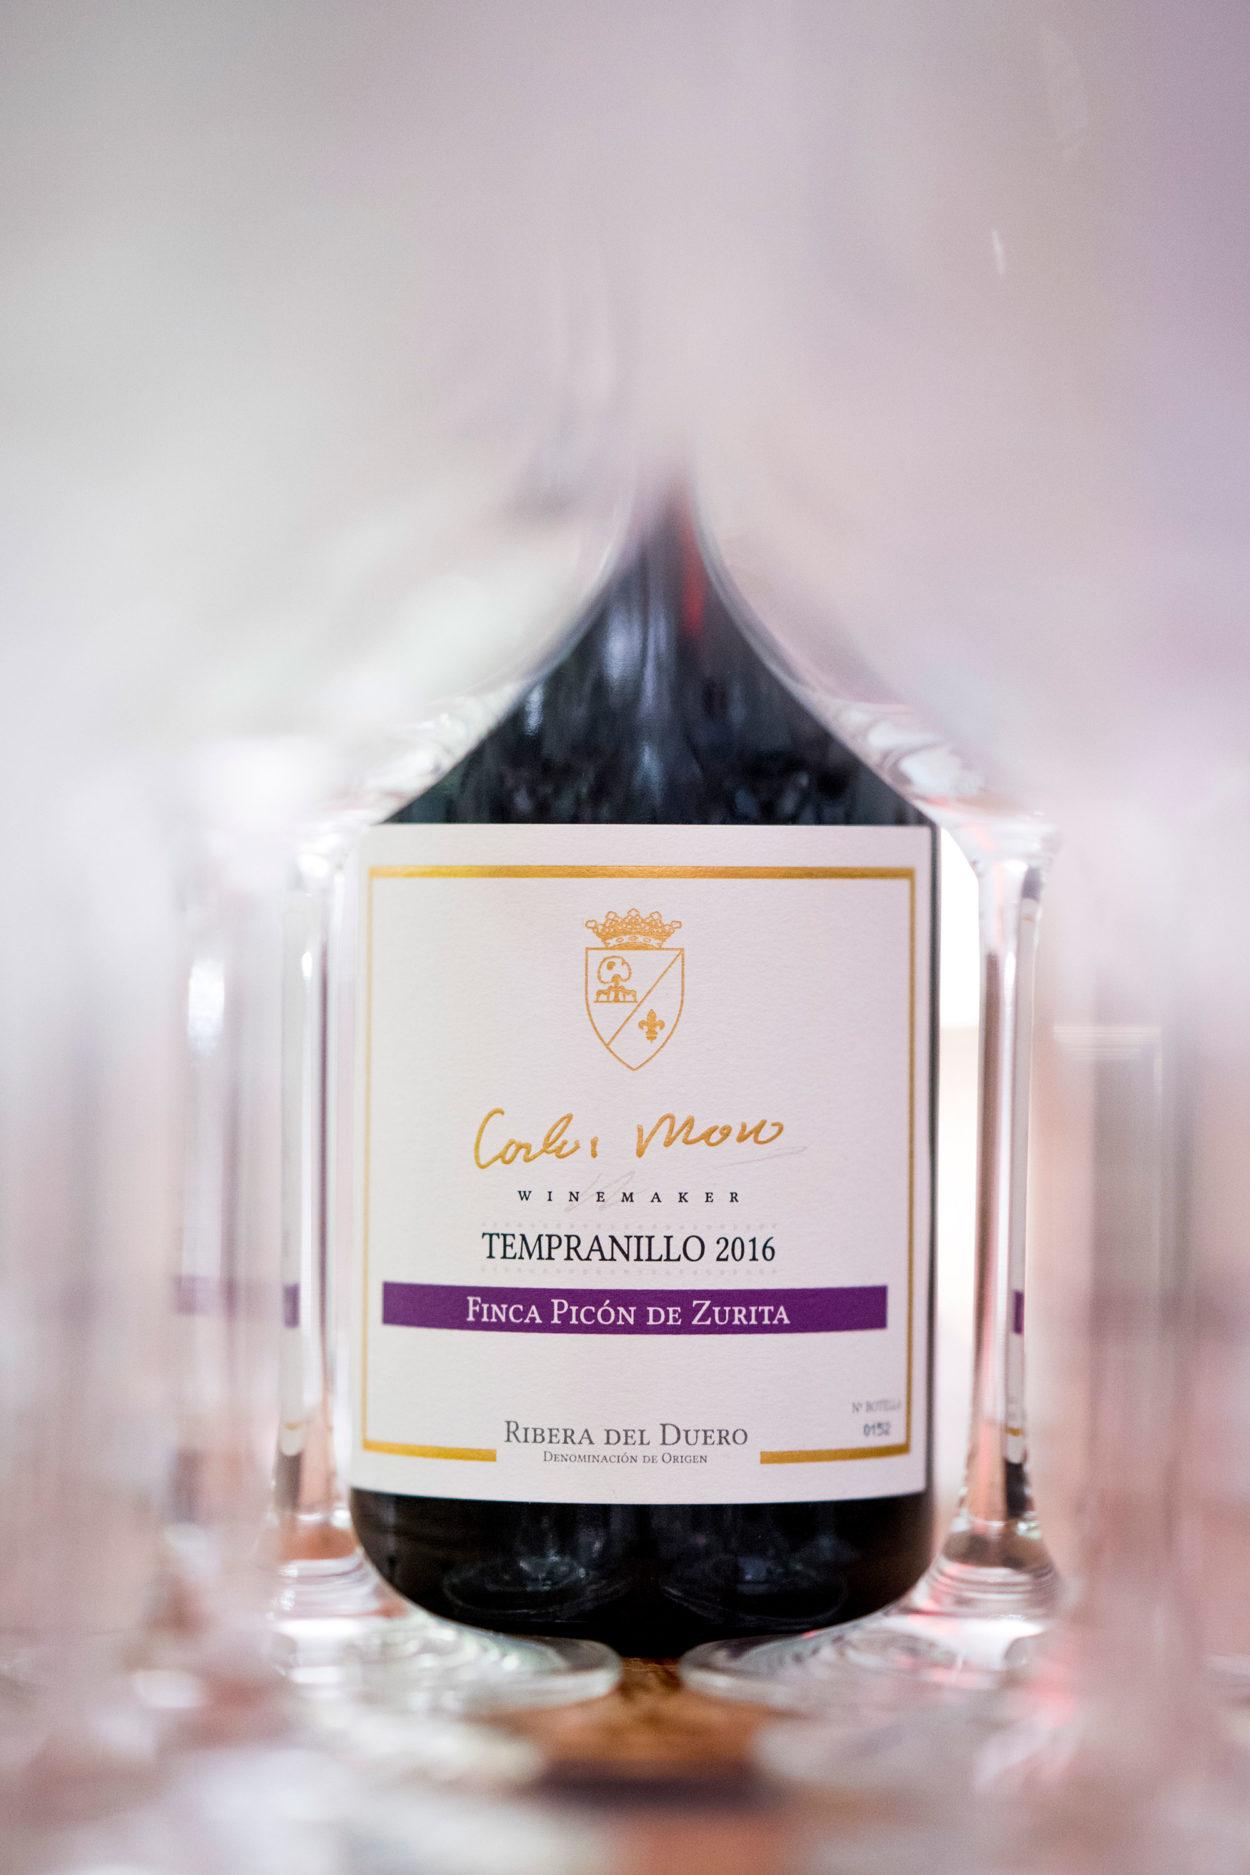 carlos moro vinos de finca